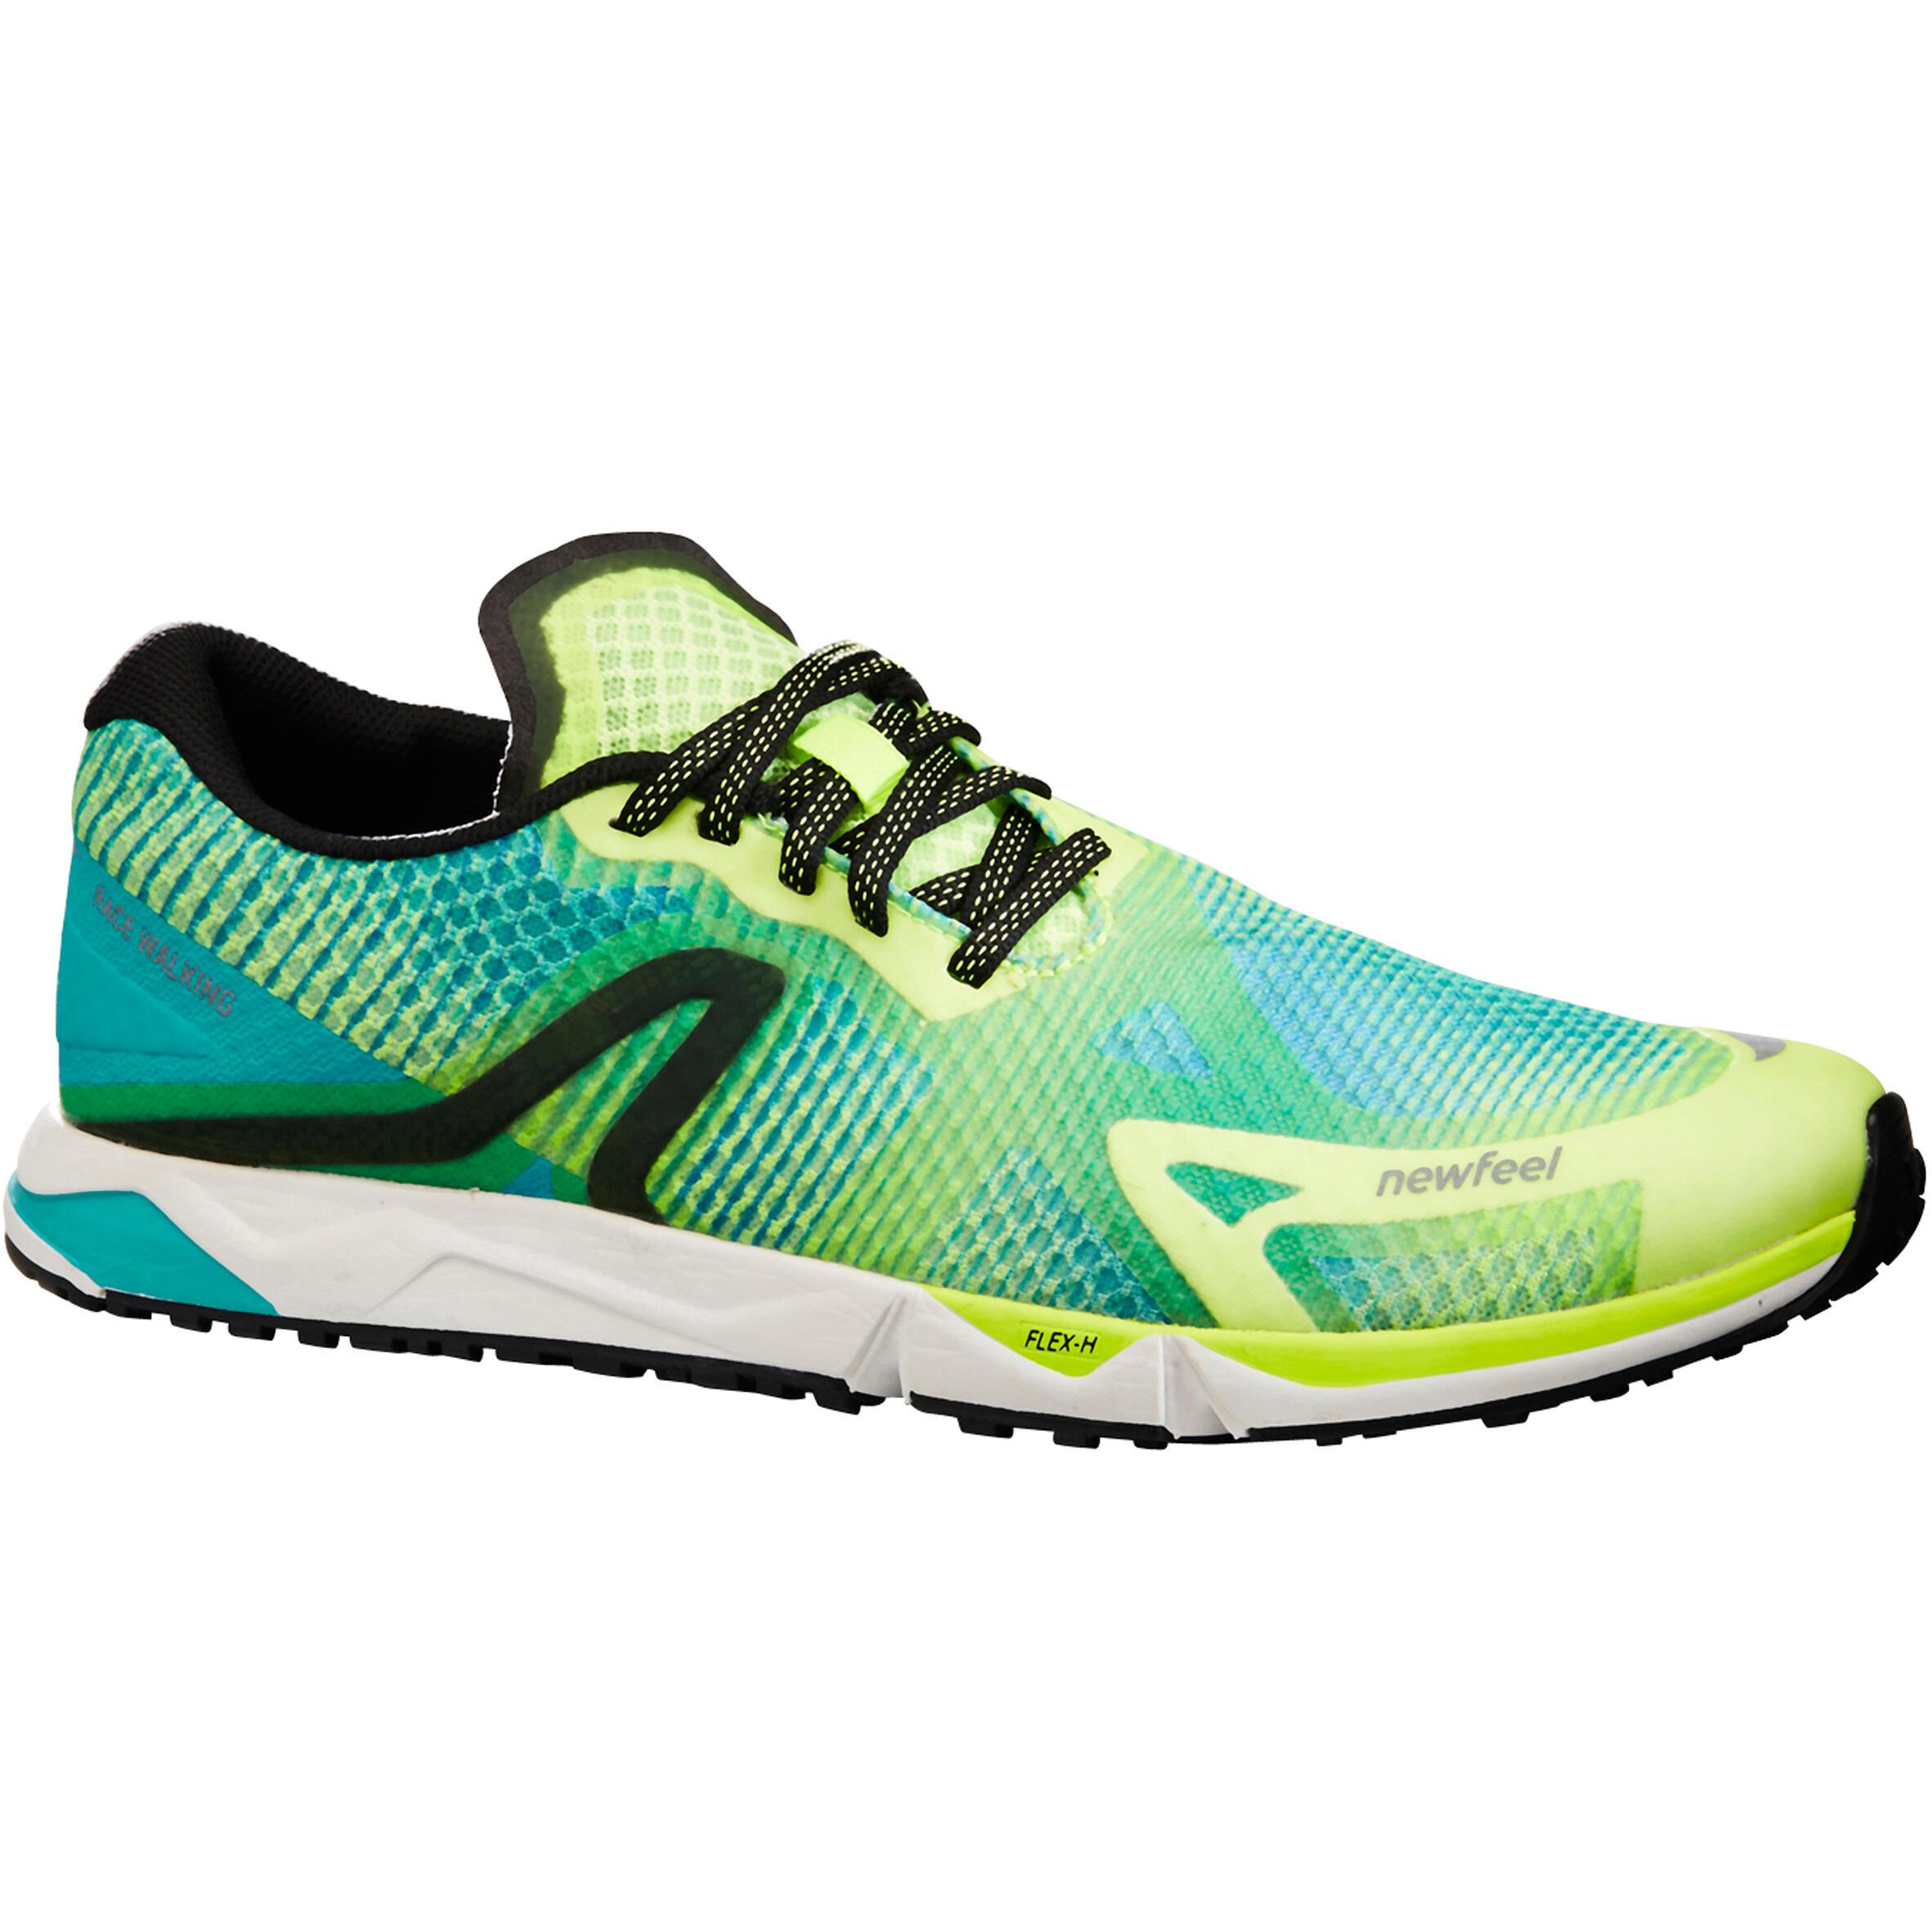 Chaussures de marche athlétique RW 900 jaunes et bleues - Newfeel